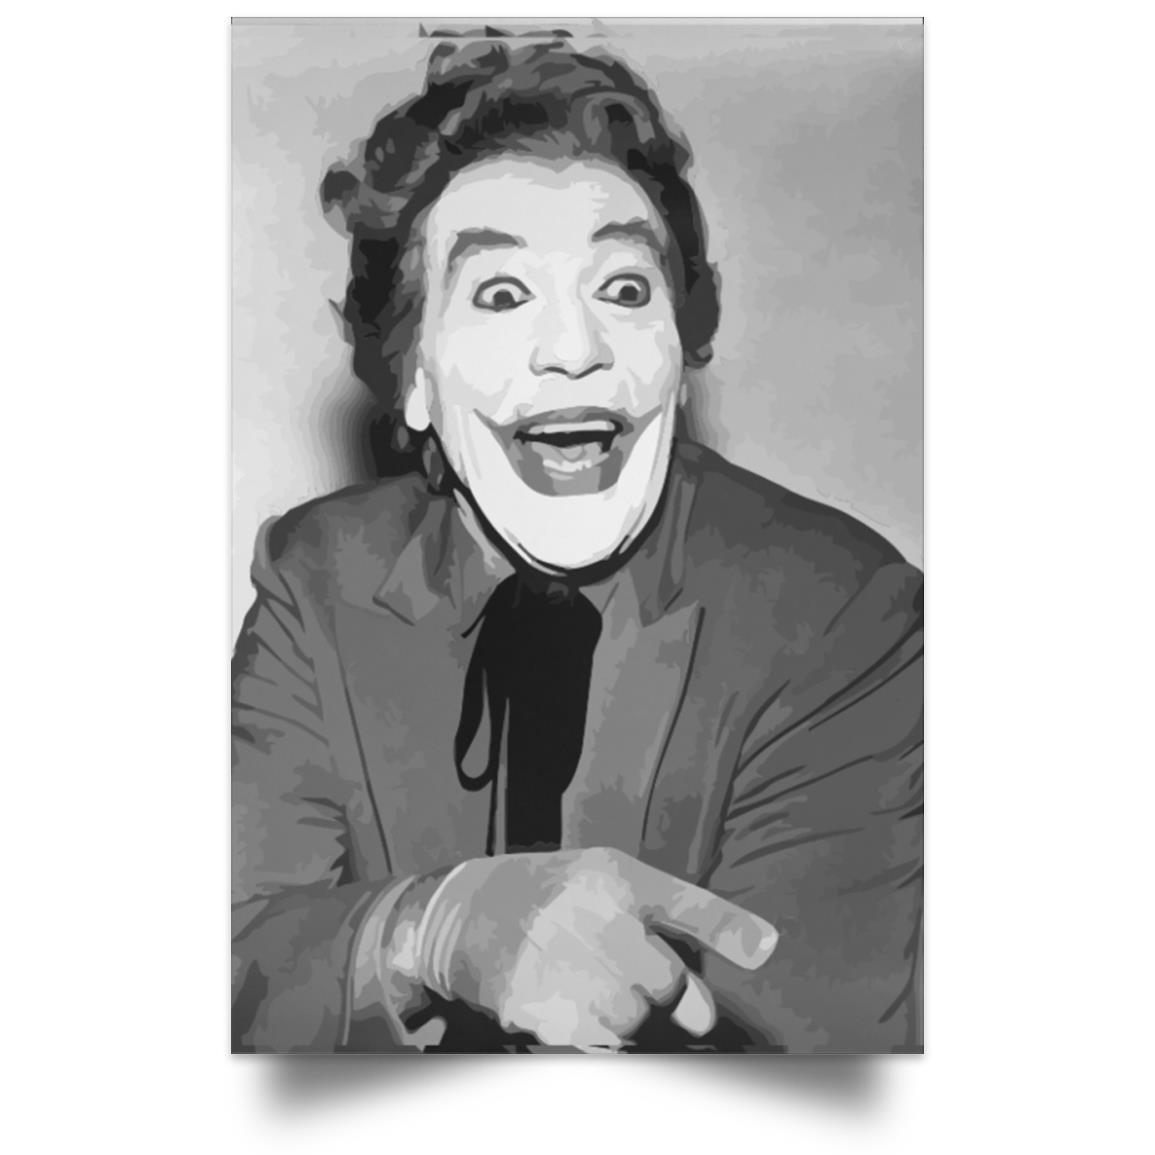 POSTER BATMAN 1966 LE JOKER PORTRAIT 1